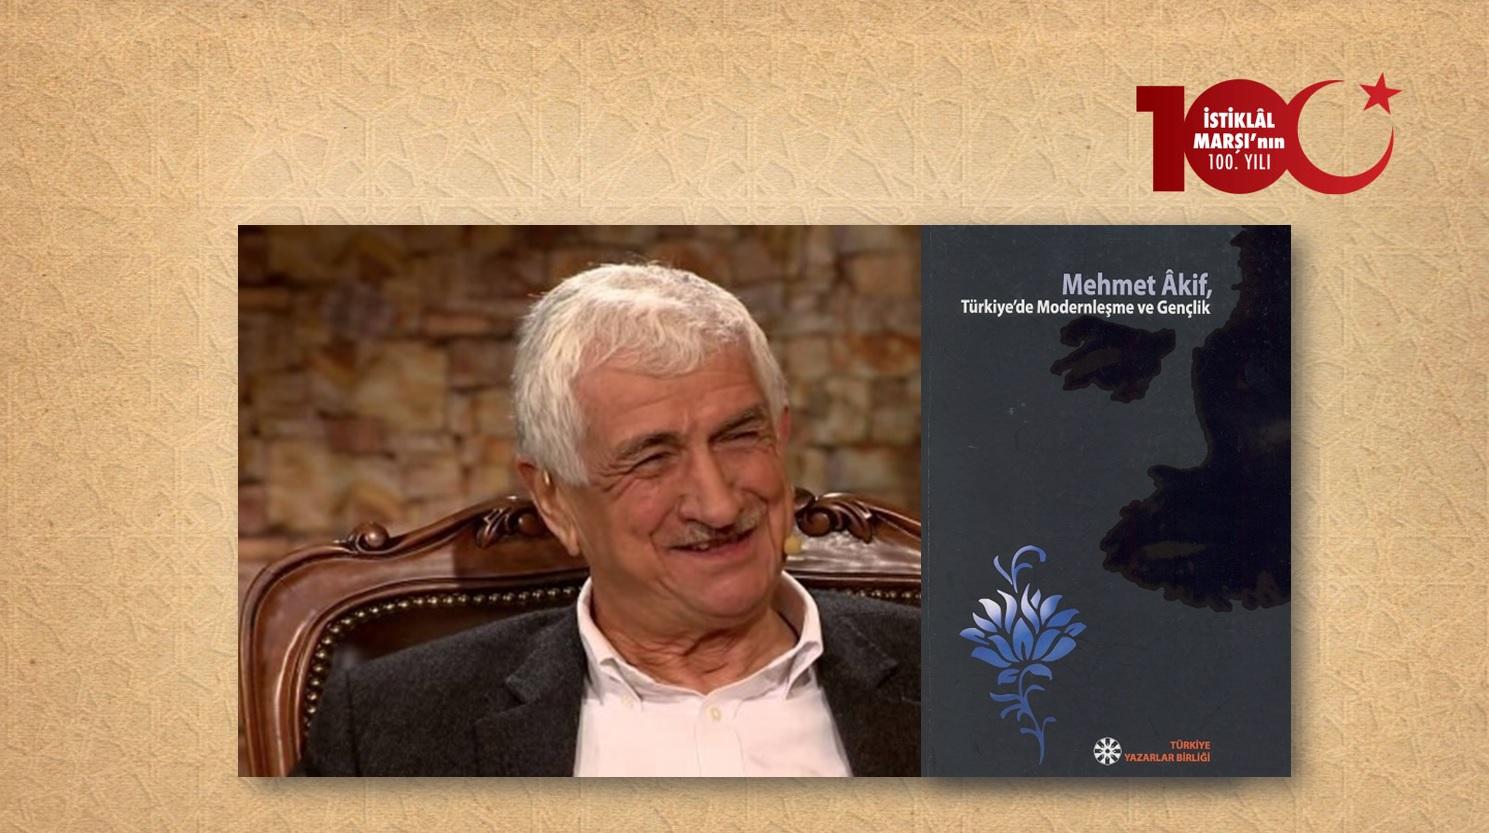 Prof. Dr. Nazif Gürdoğan: Mehmet Âkif: Kökleri Geçmişte Olan Gelecek